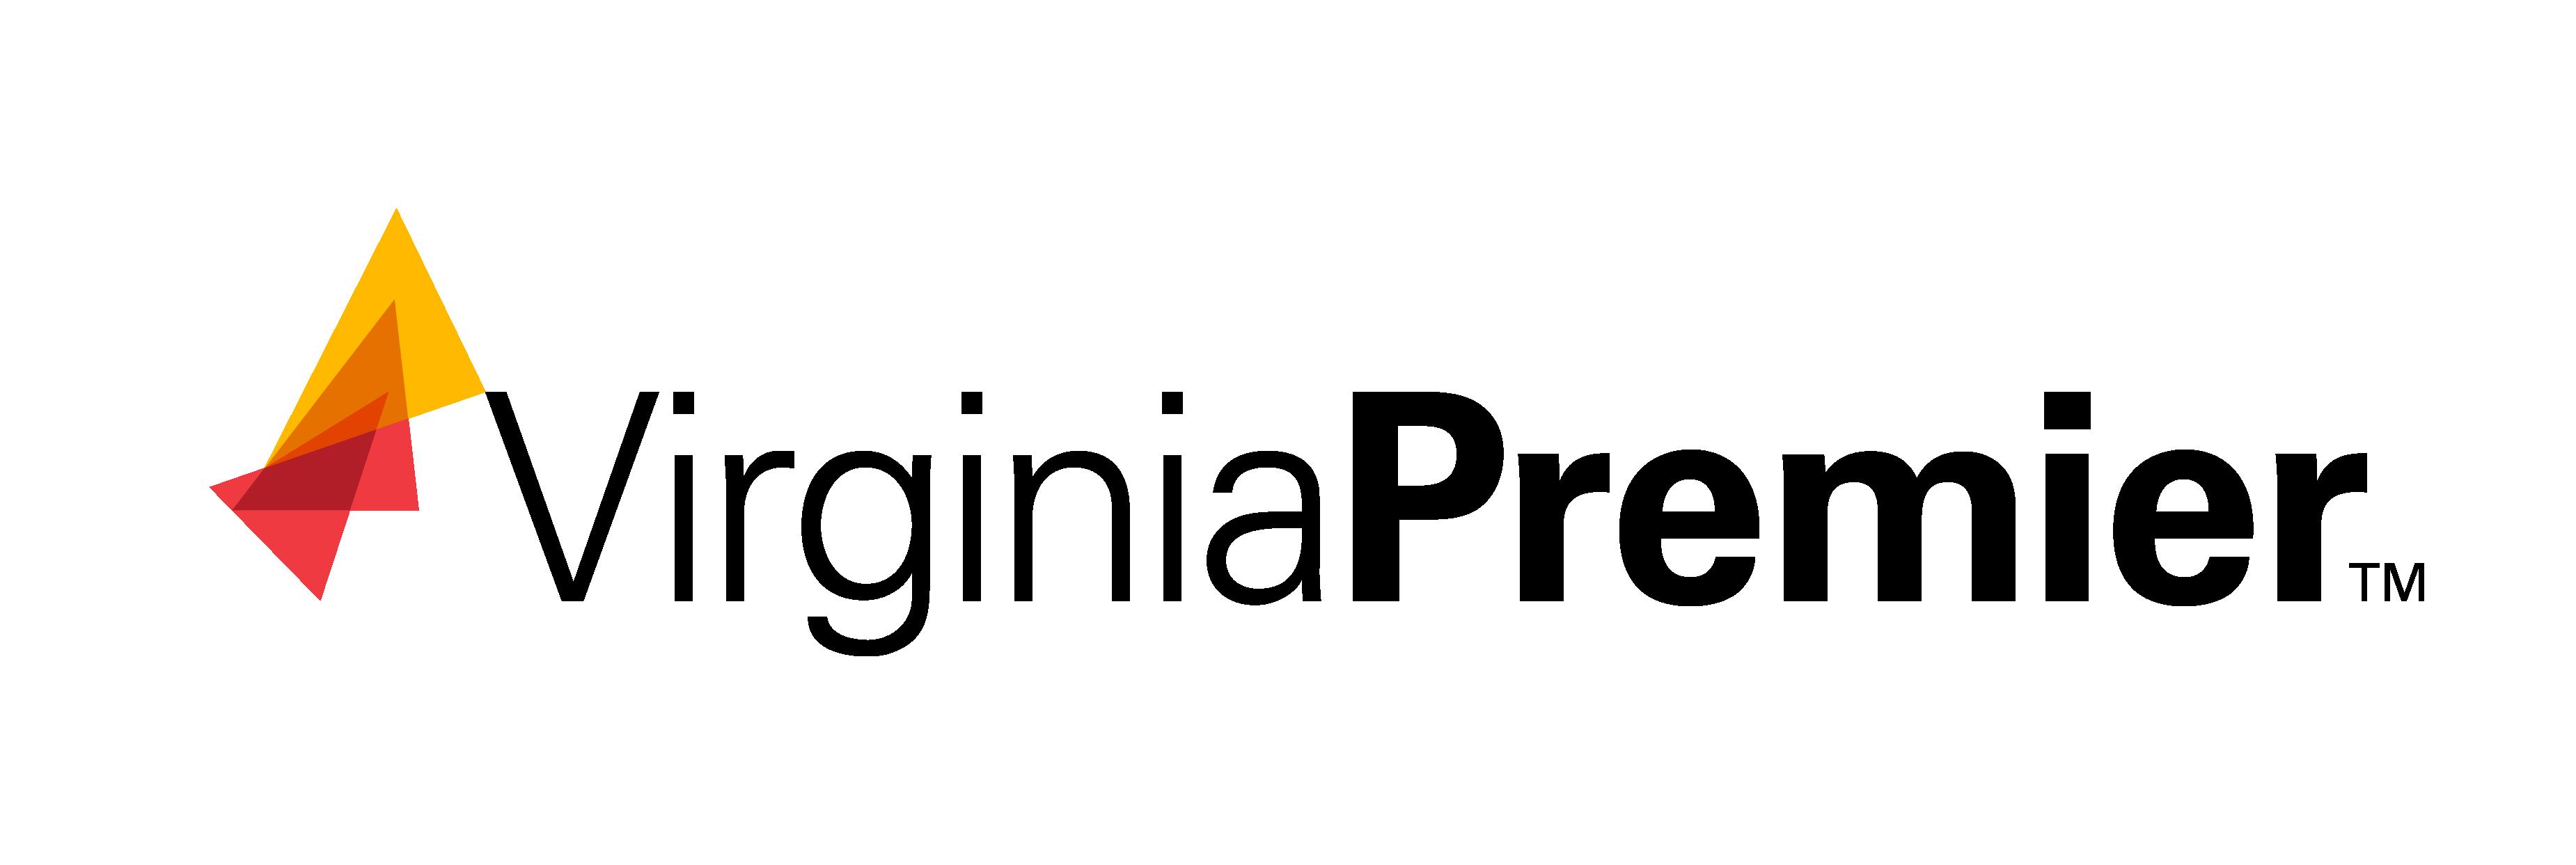 Virginia Premier logo 2021